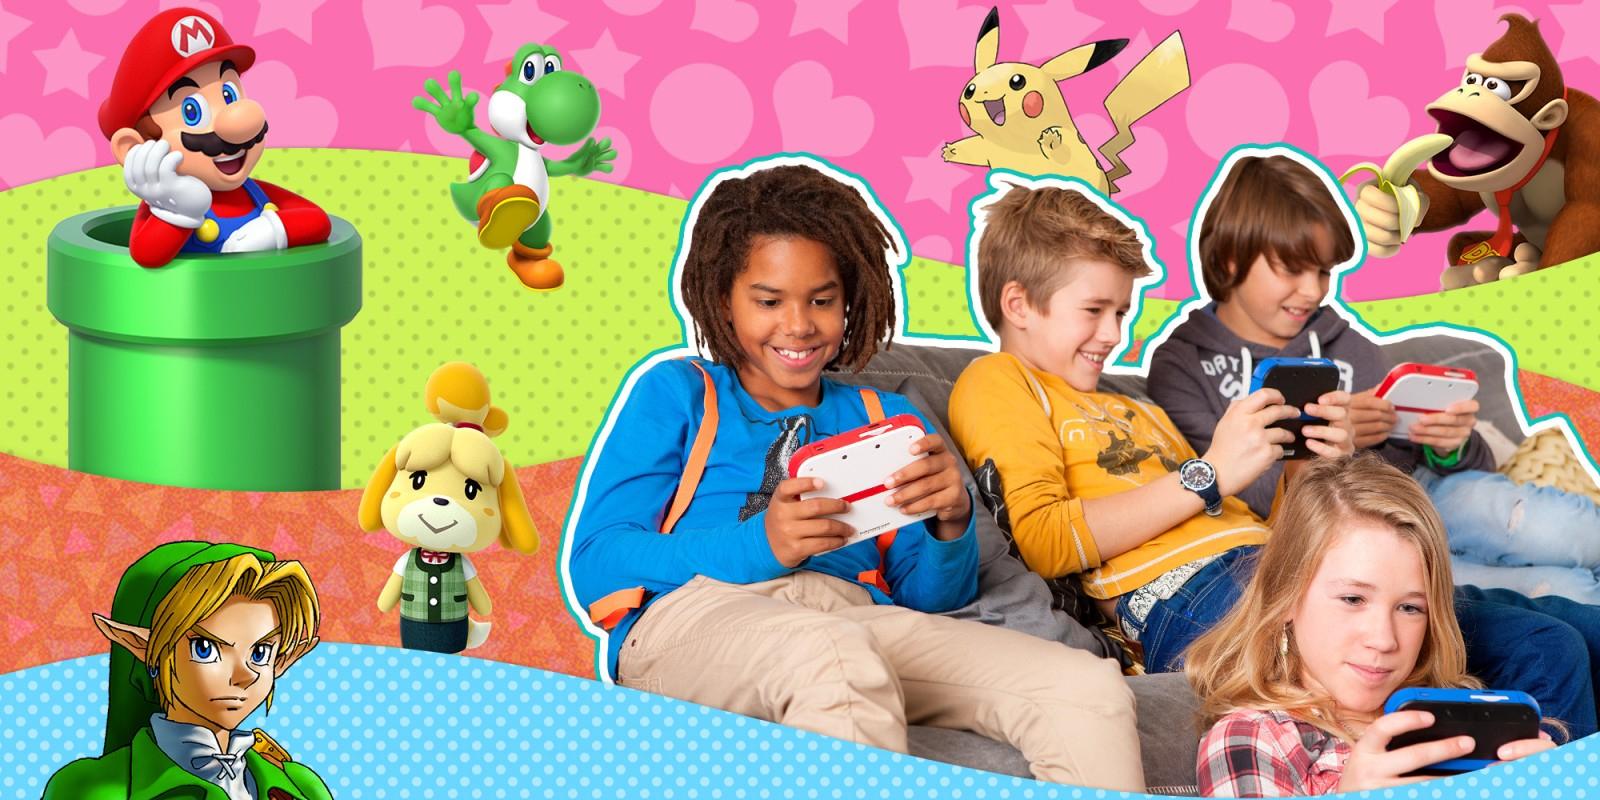 Jeux Nintendo Pour Les Enfants | Nintendo concernant Jeux Pour Enfant De 4 Ans